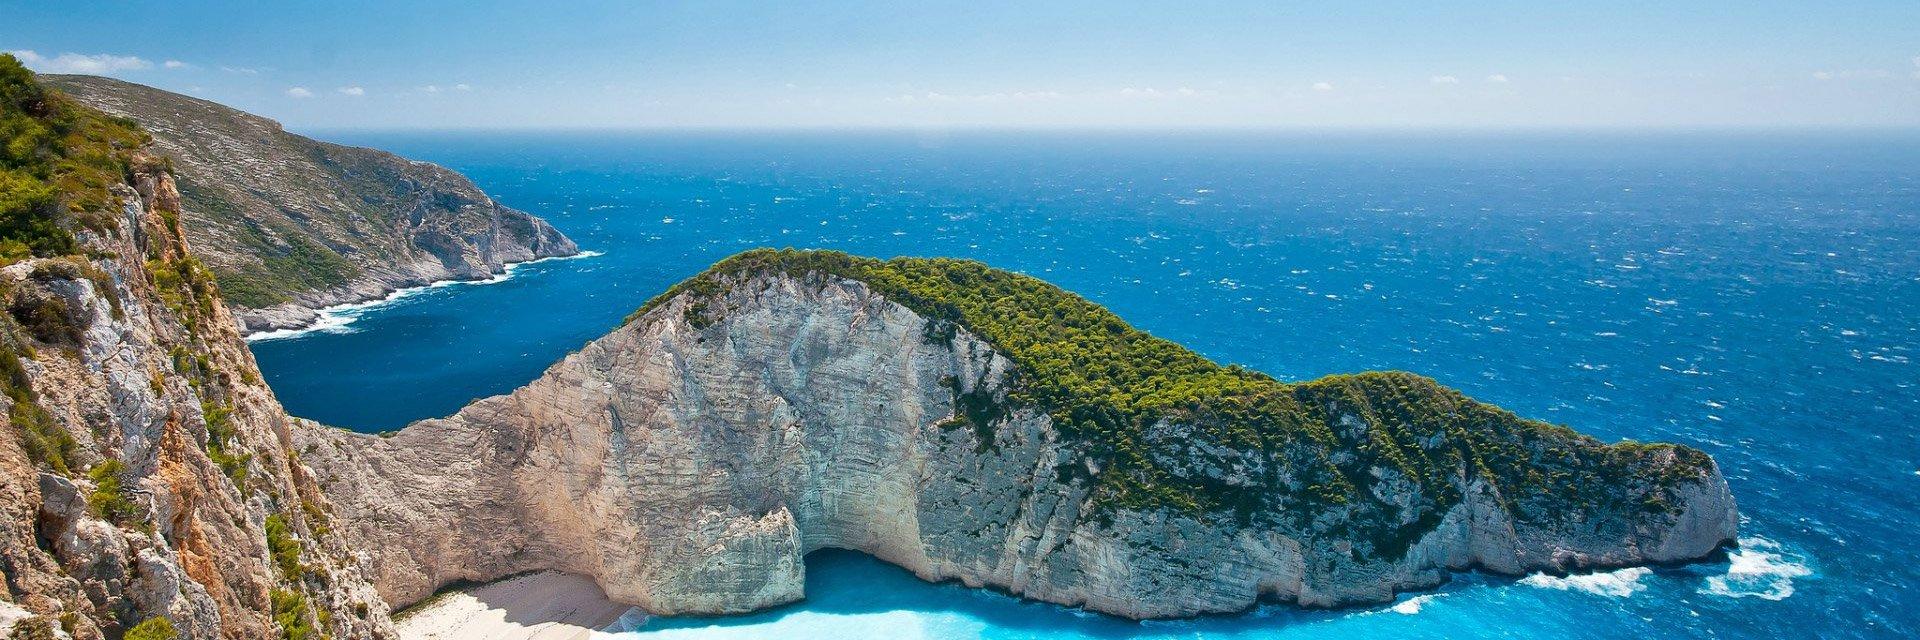 Veronica Hotel 3* (Пафос, Кипр) - цены, отзывы, фото, бронирование - ПАКС